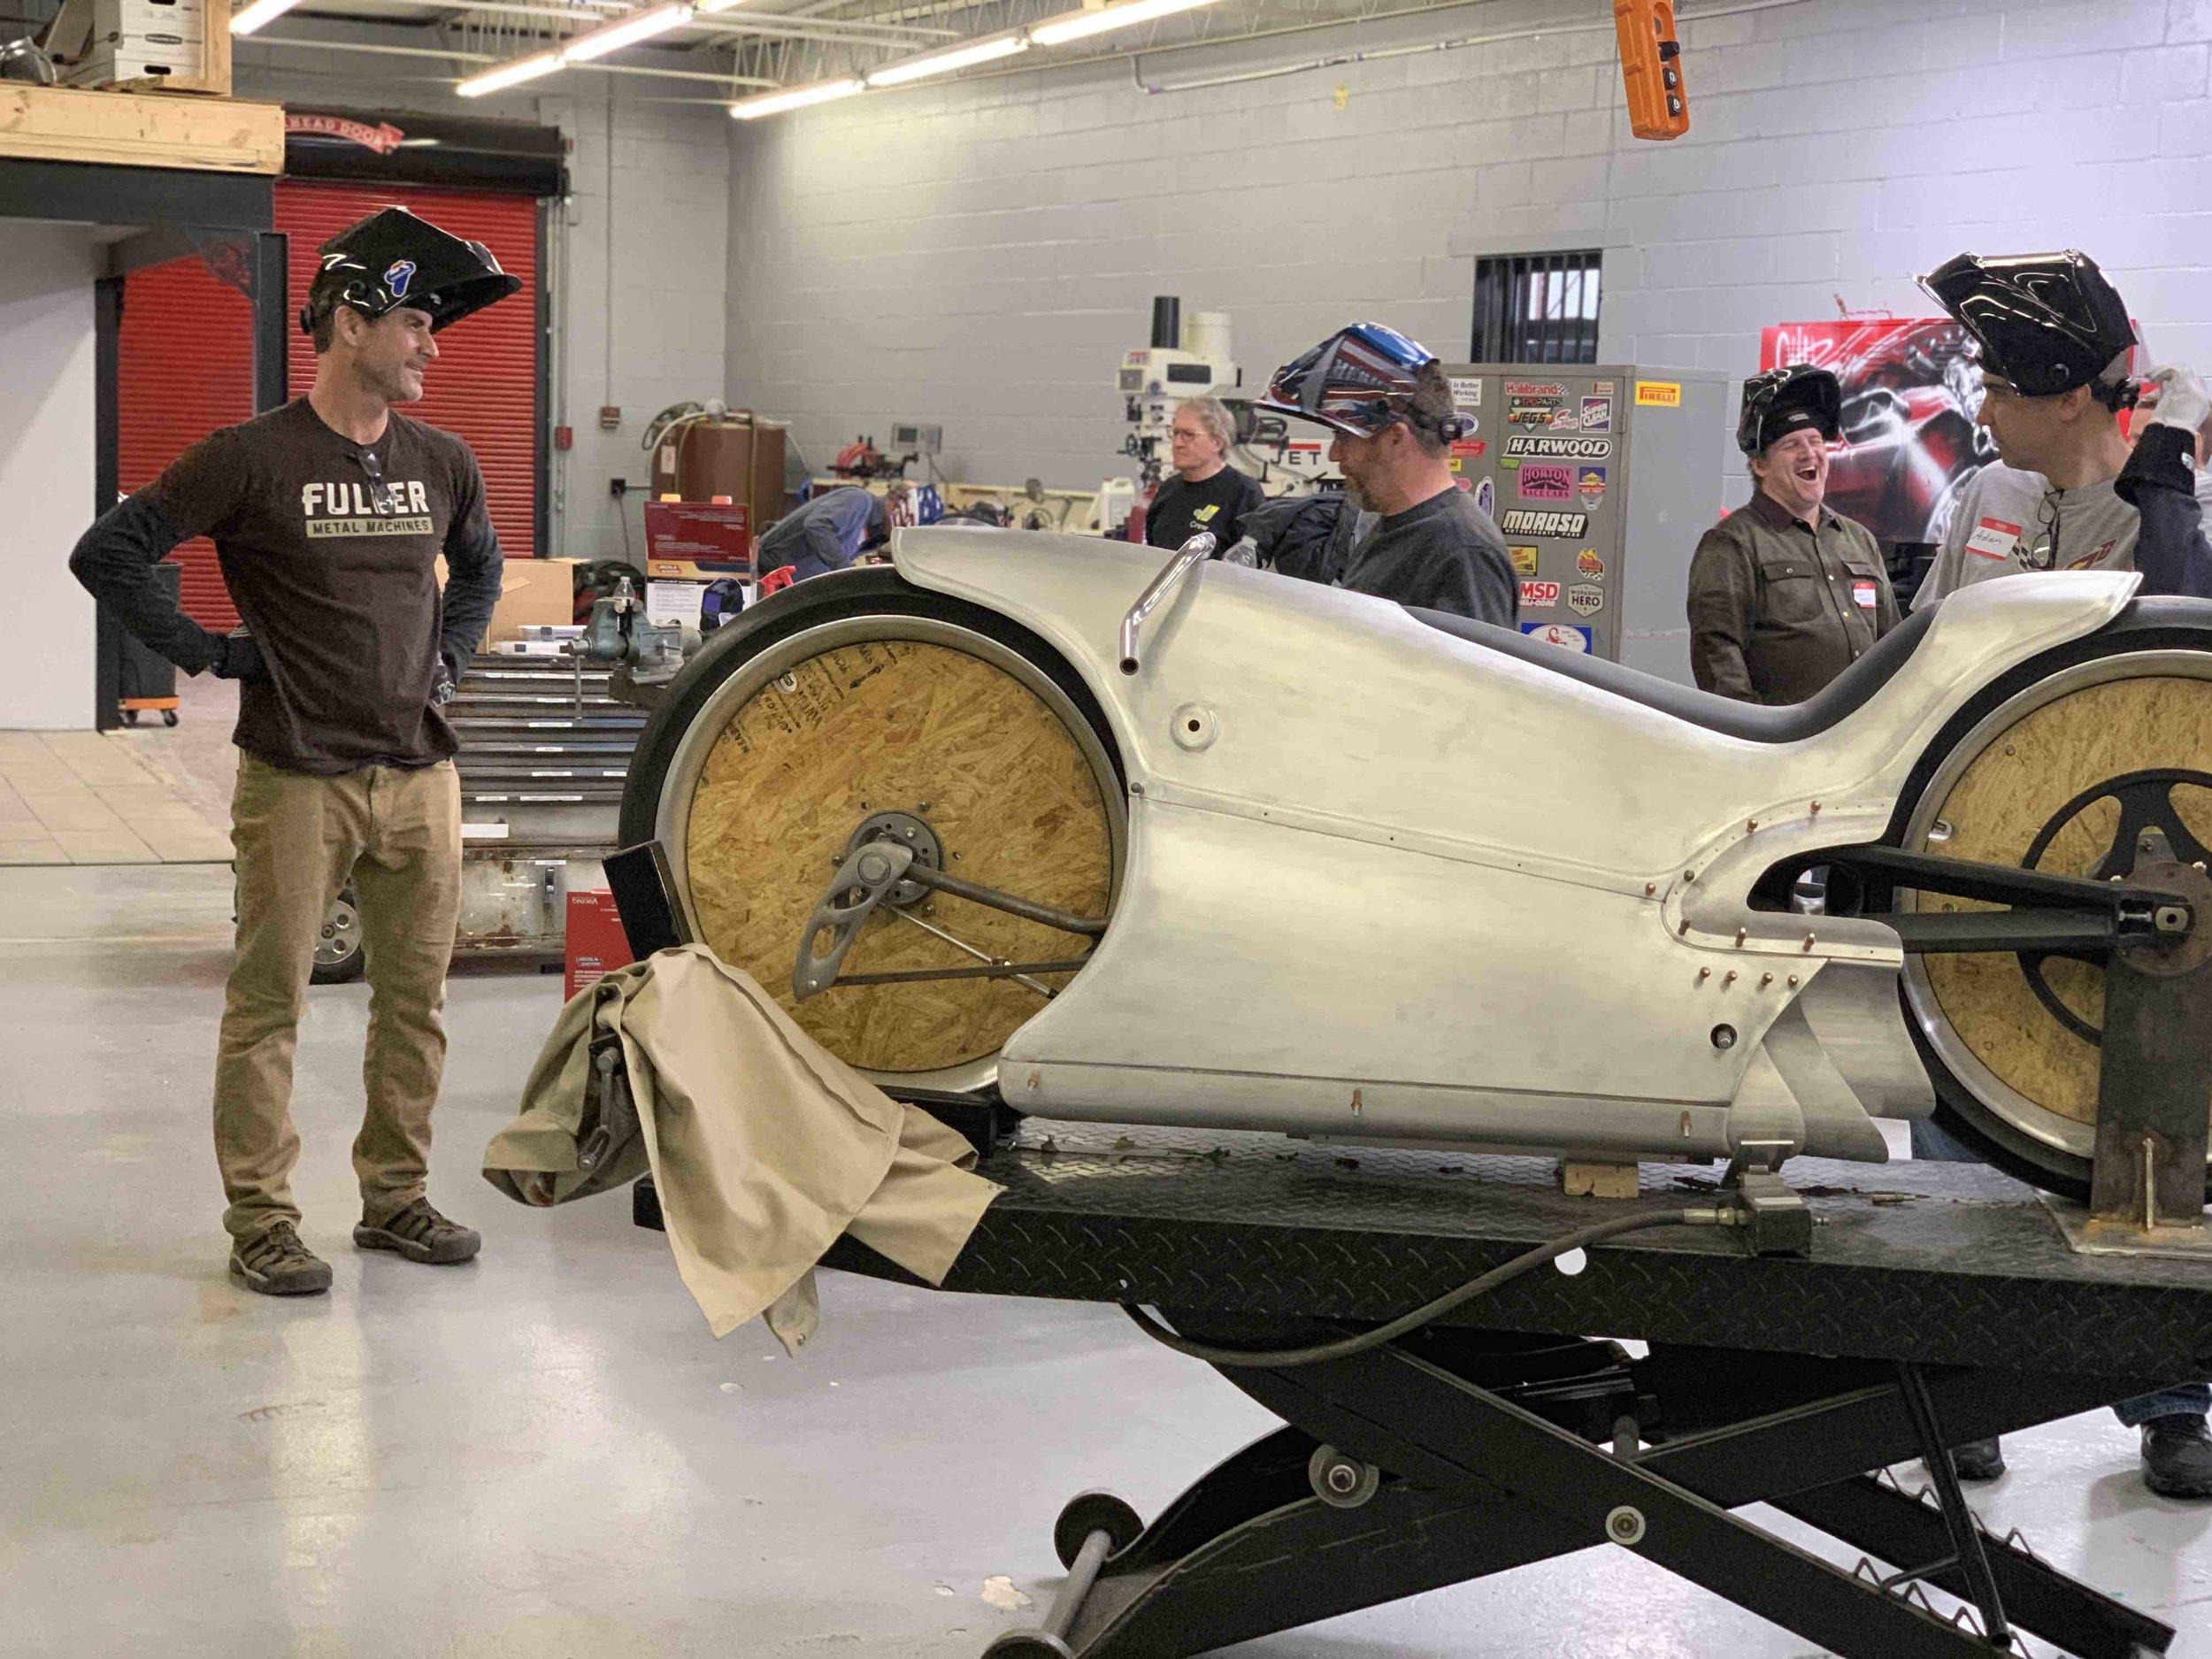 Fuller-Moto-Welding-Workshop-Jan2019-7.jpg